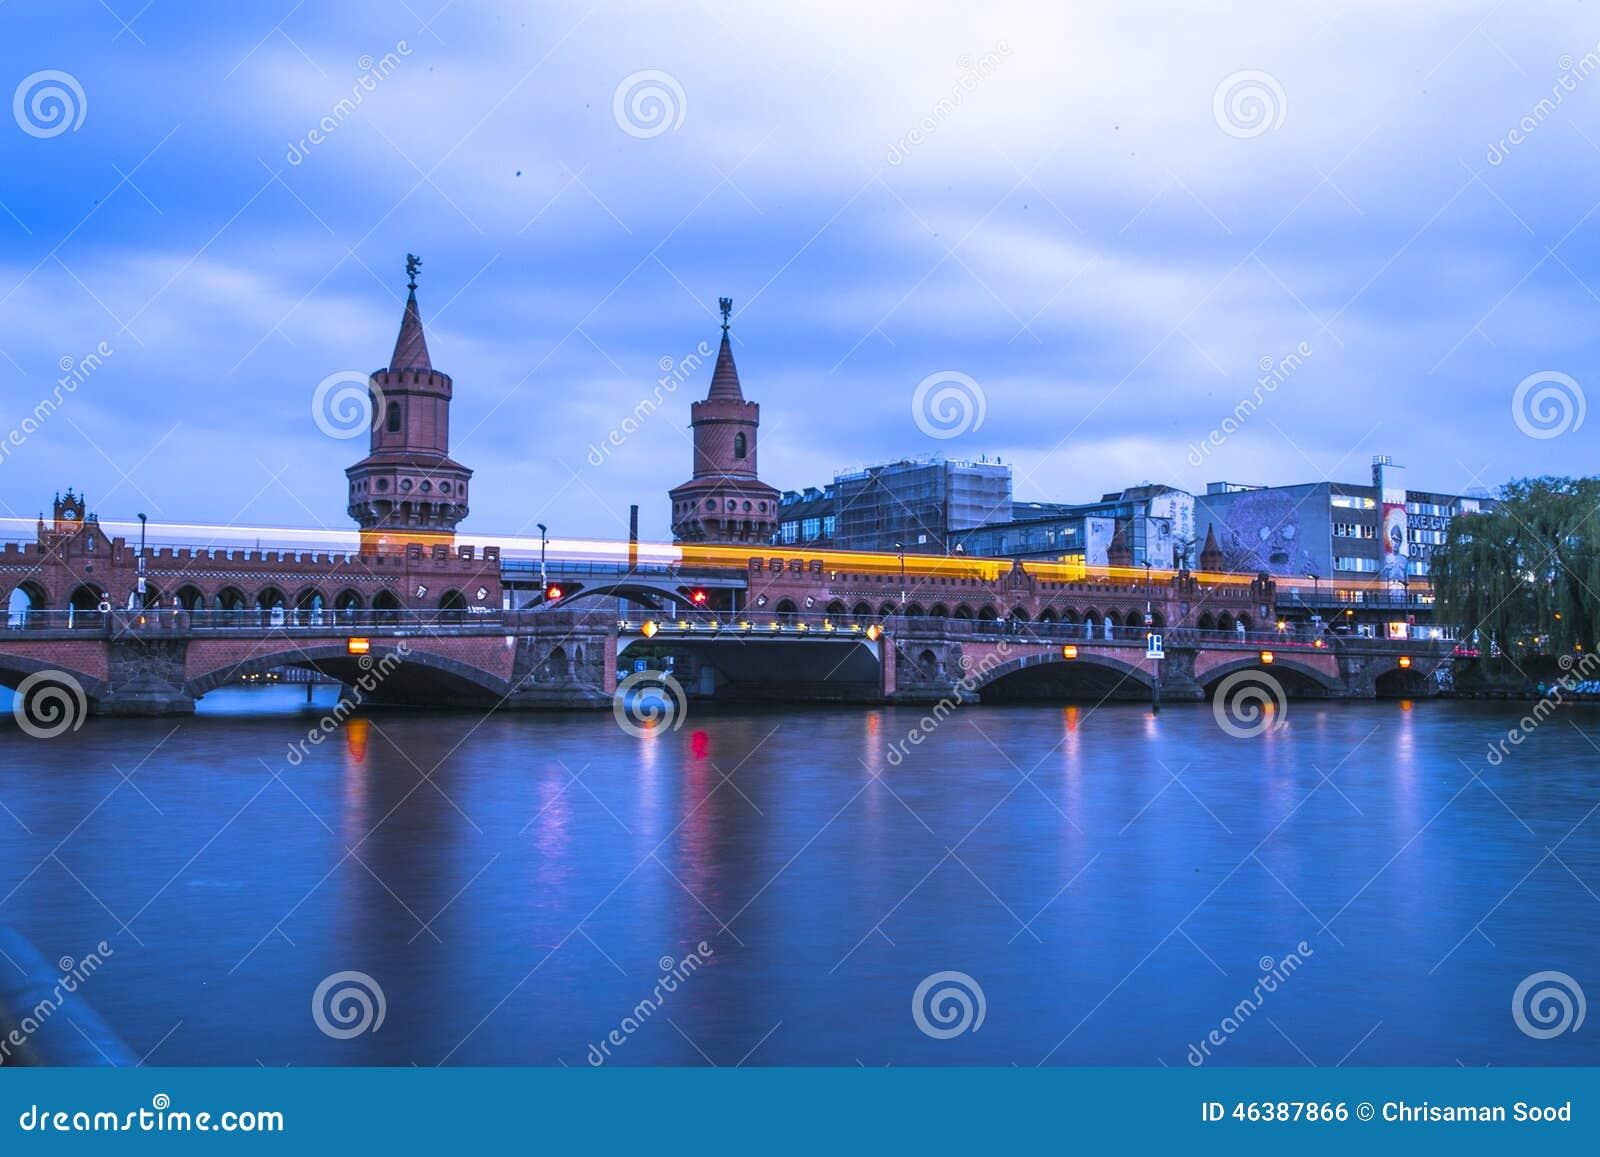 Le pont d Oberbaum en Berlin With Train Passing